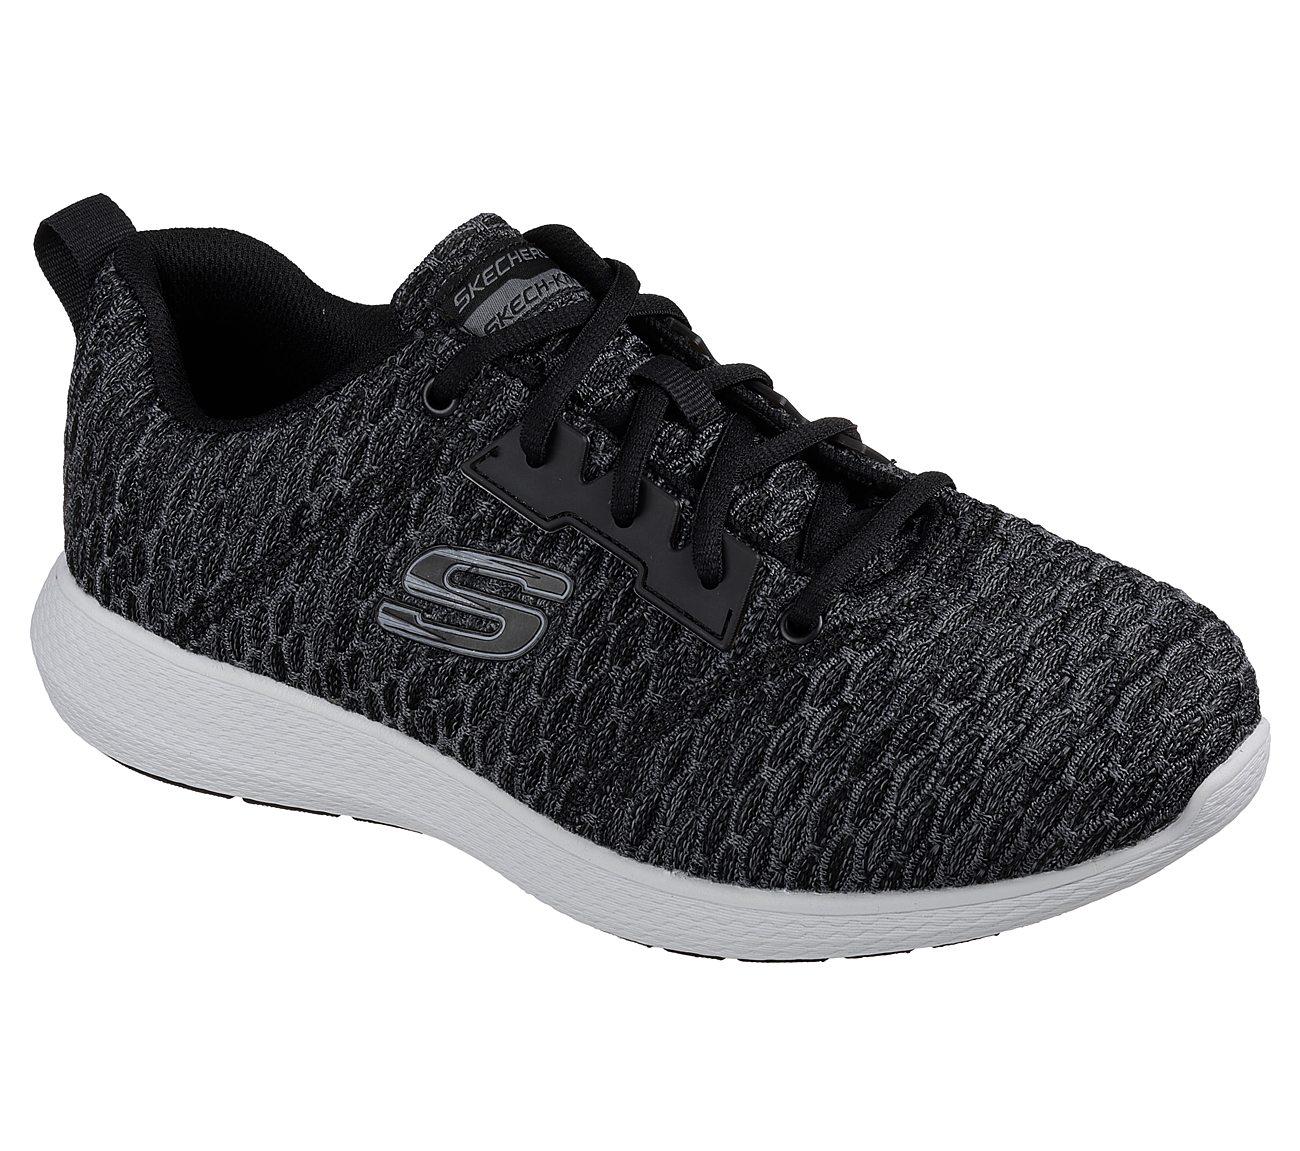 fbfa0a3400f4 Buy SKECHERS Kulow - Numerator Sport Shoes only  55.00